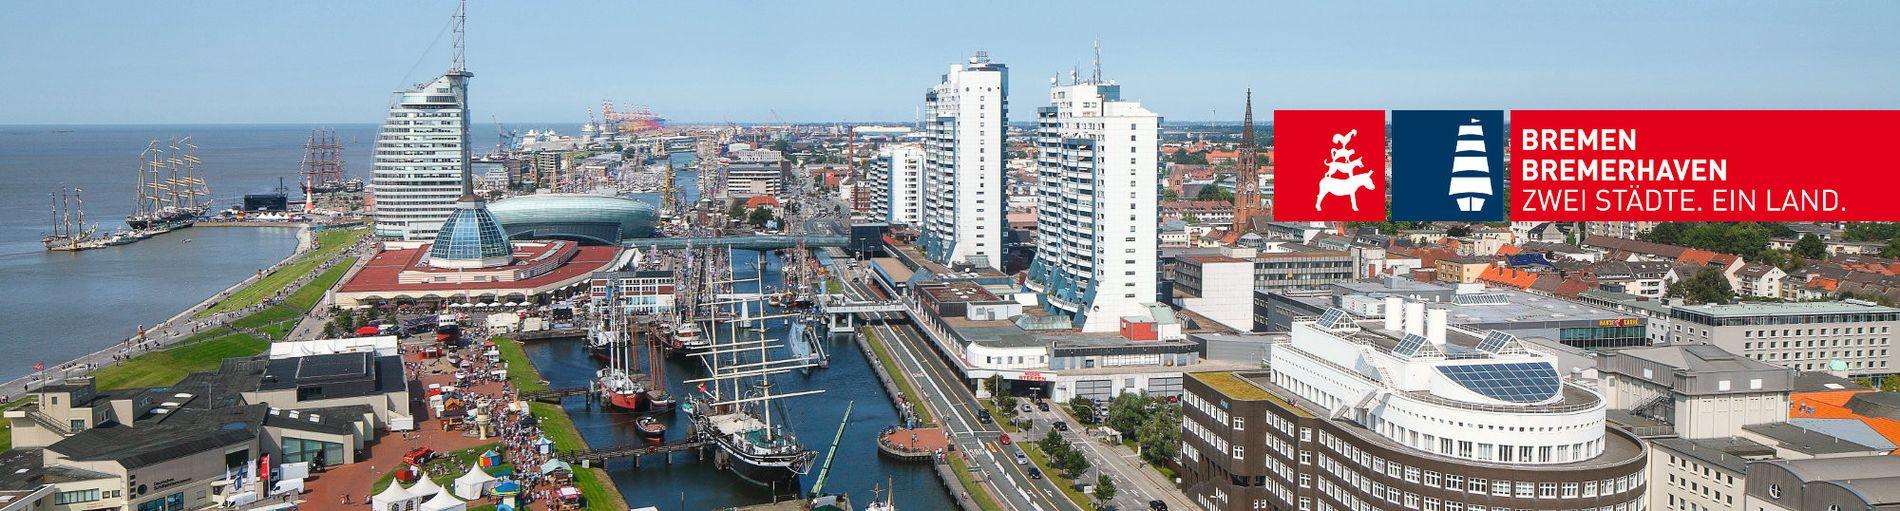 Bremerhaven aus der Luft